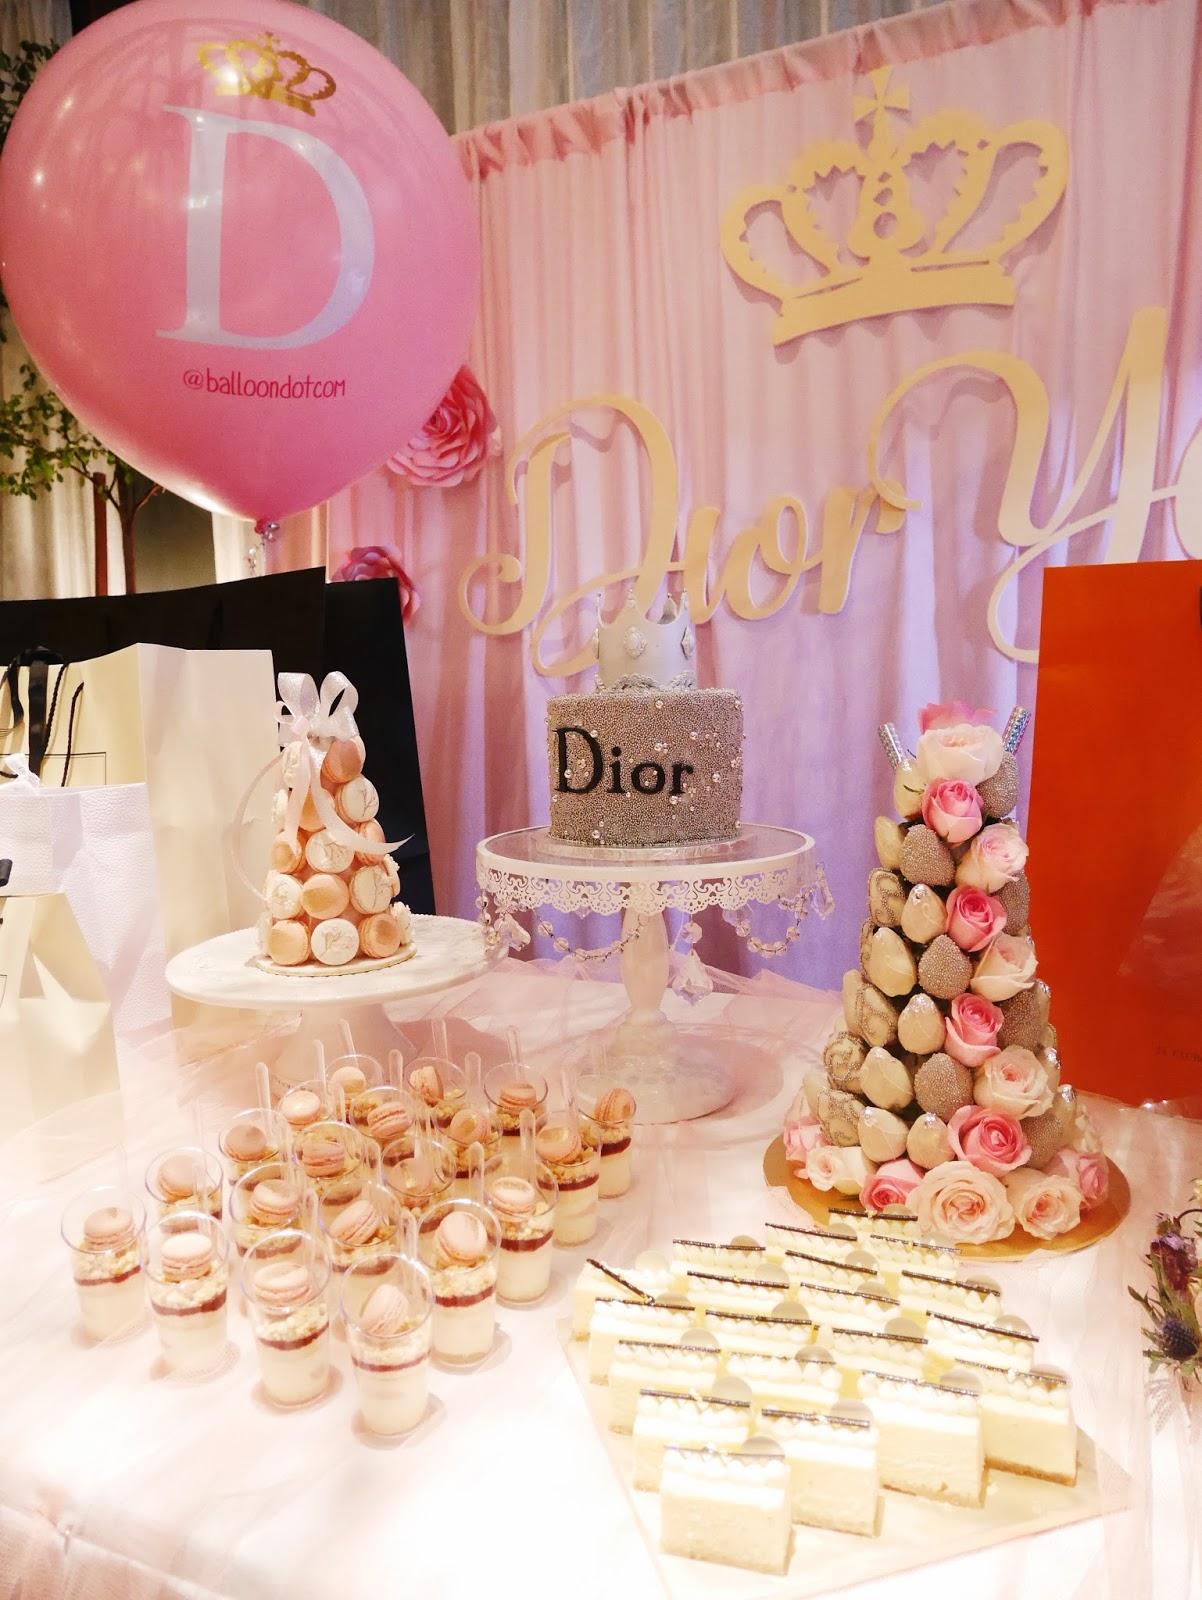 Dioryaw Dior Yaw 25th Birthday Party